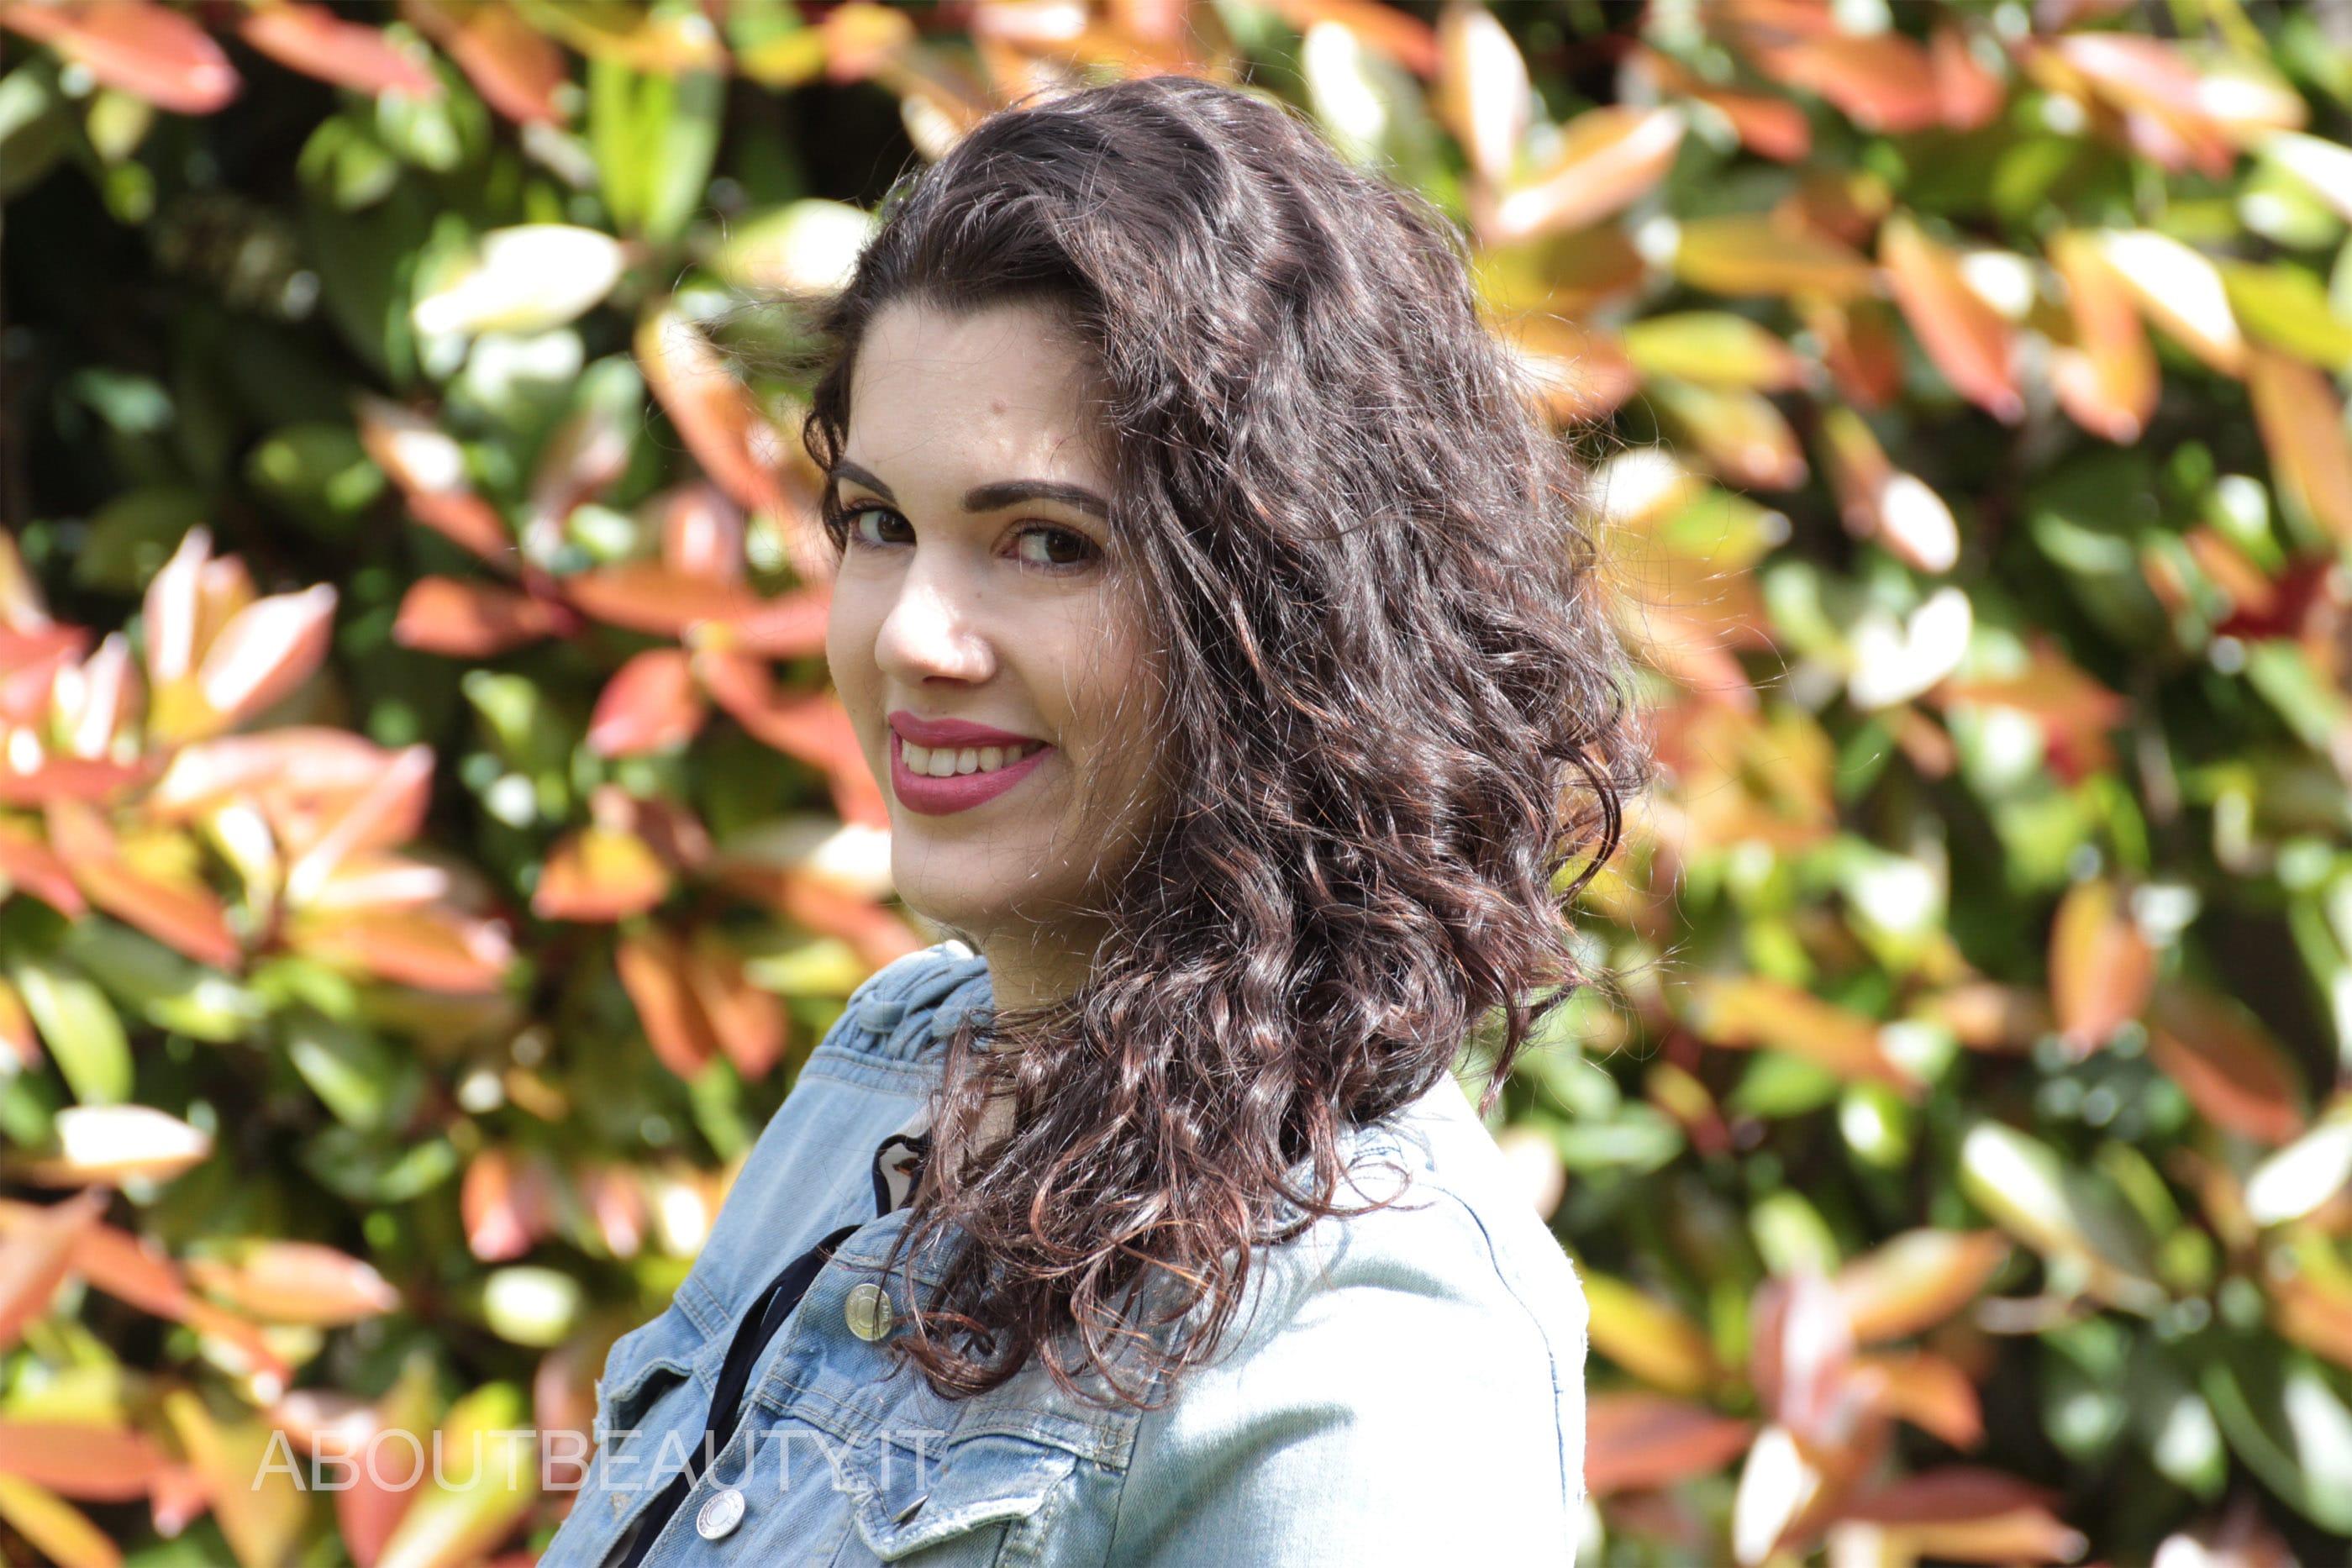 L'Oreal Botanicals Fresh Care, la linea al Cartamo per capelli secchi - Il risultato sui capelli